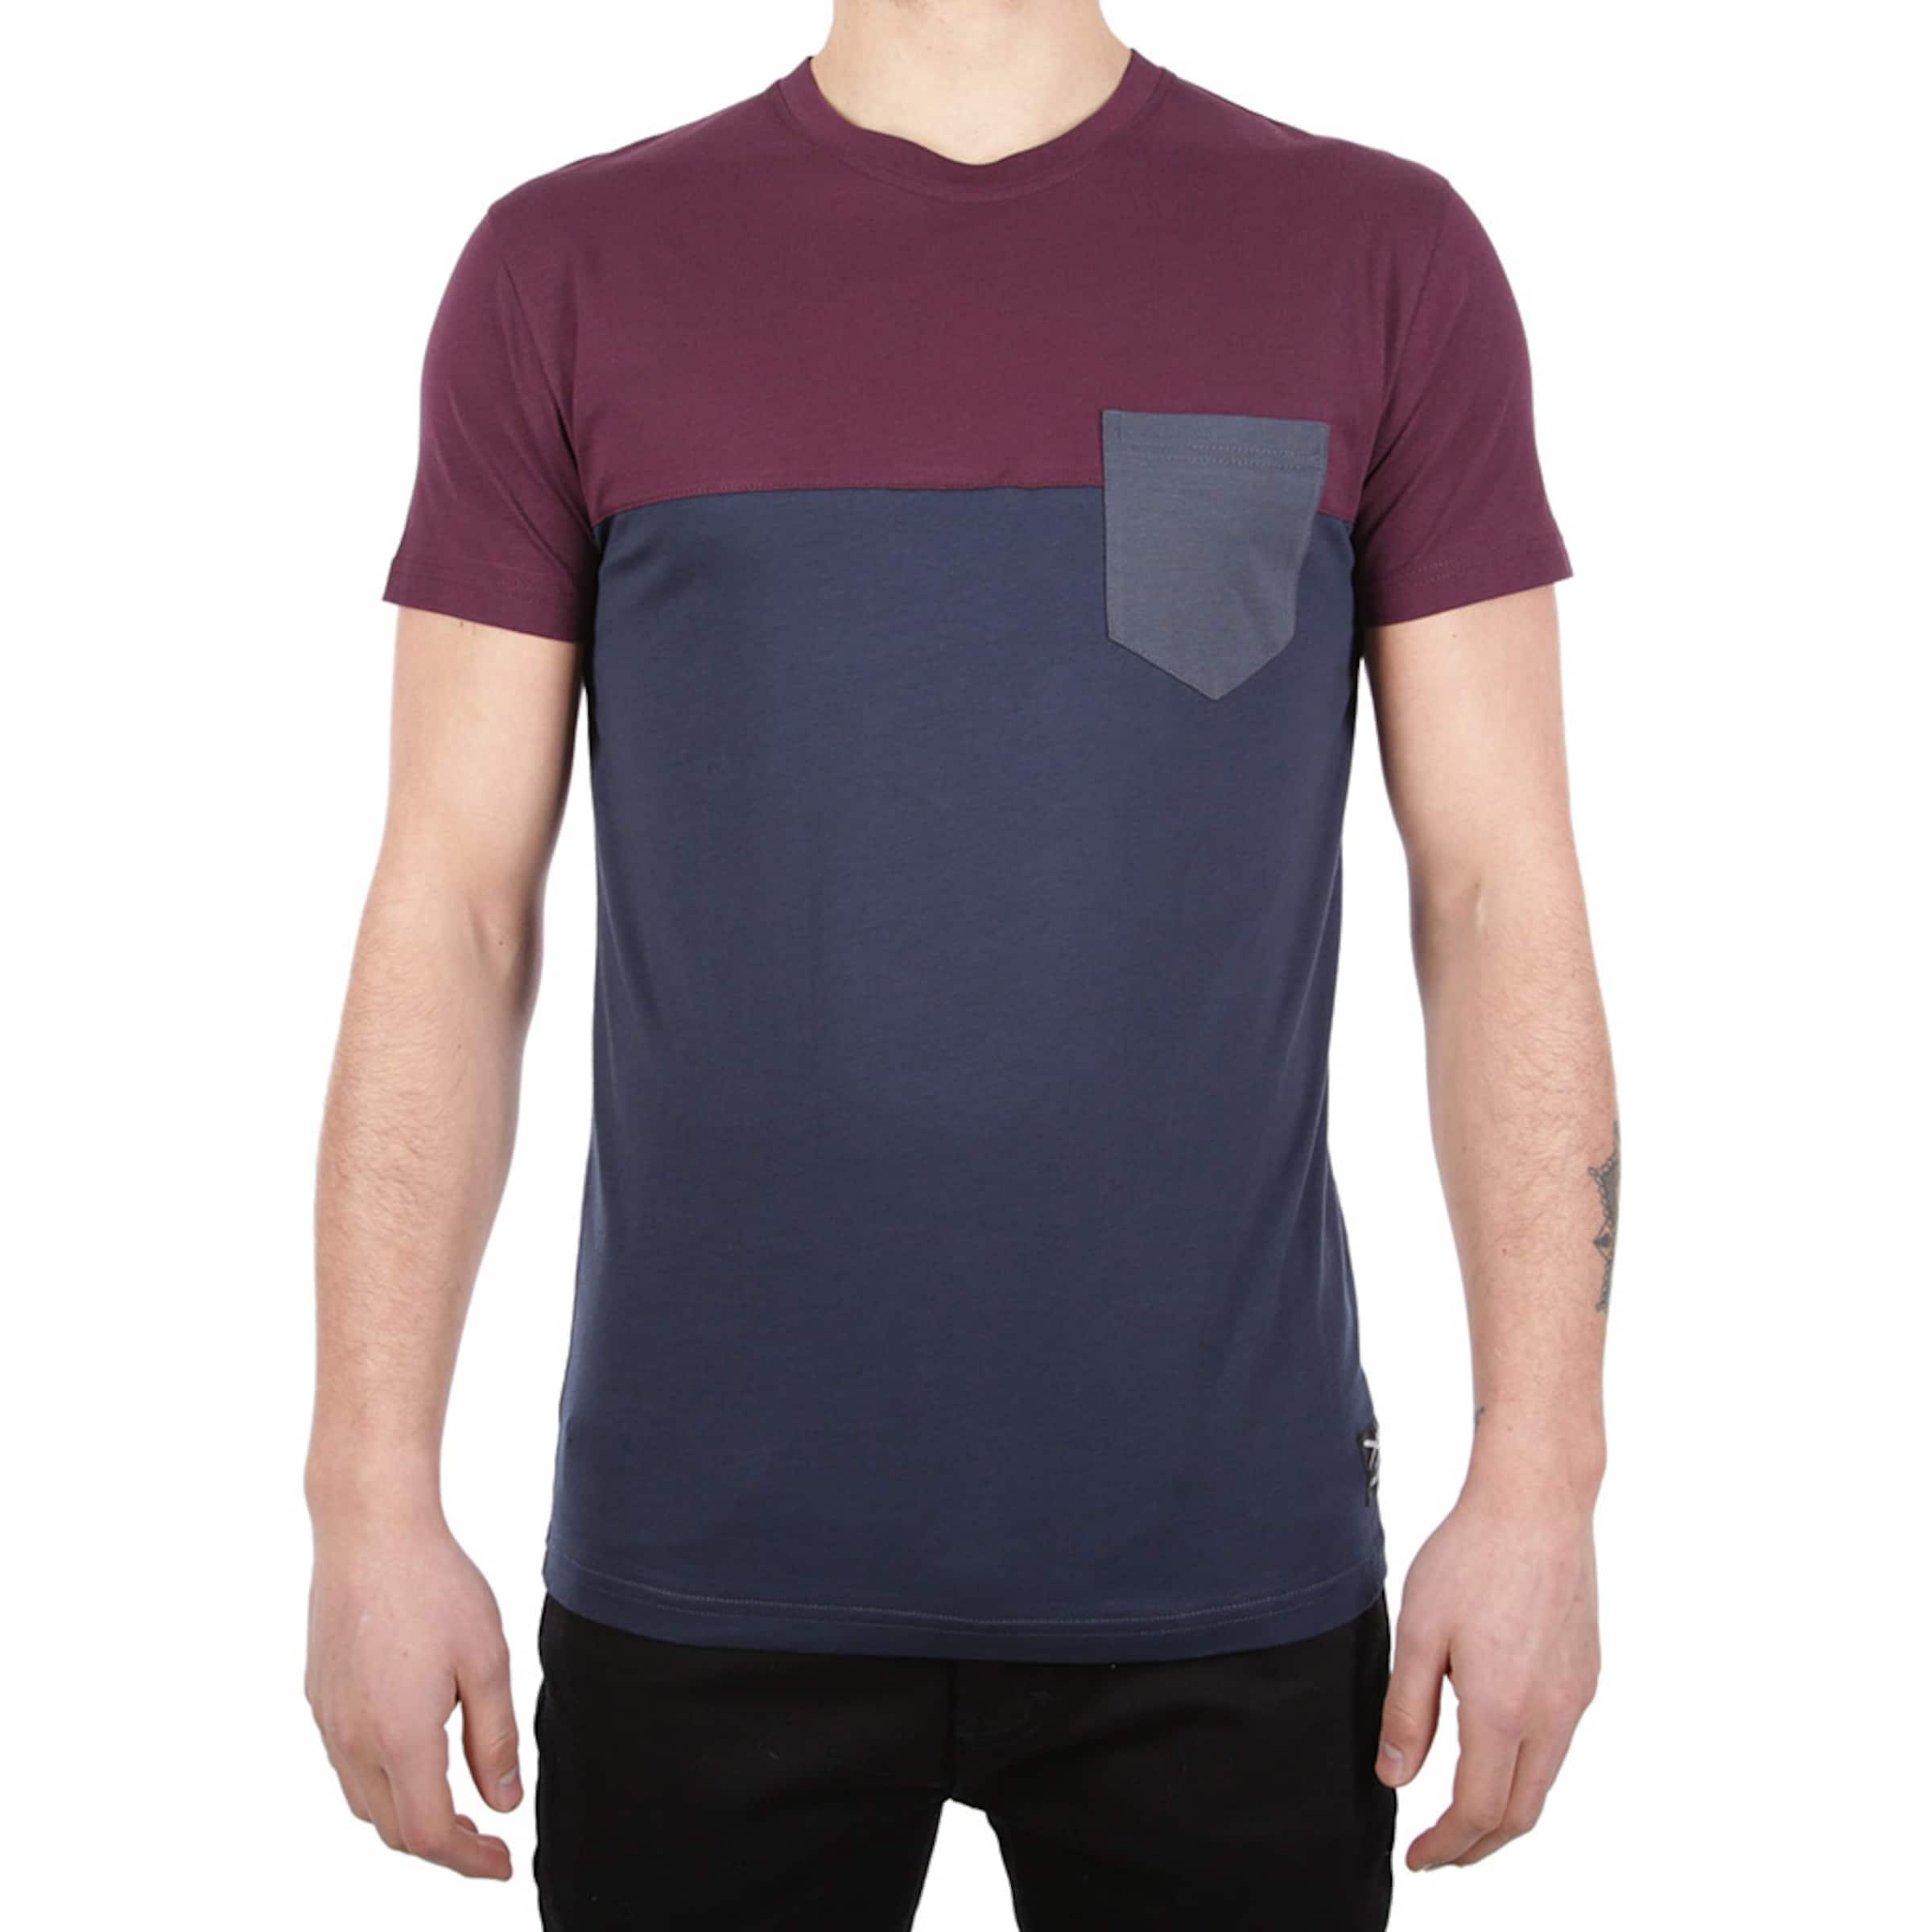 MarineBordeaux Bleu shirt En Iriedaily T lJc1TF3K